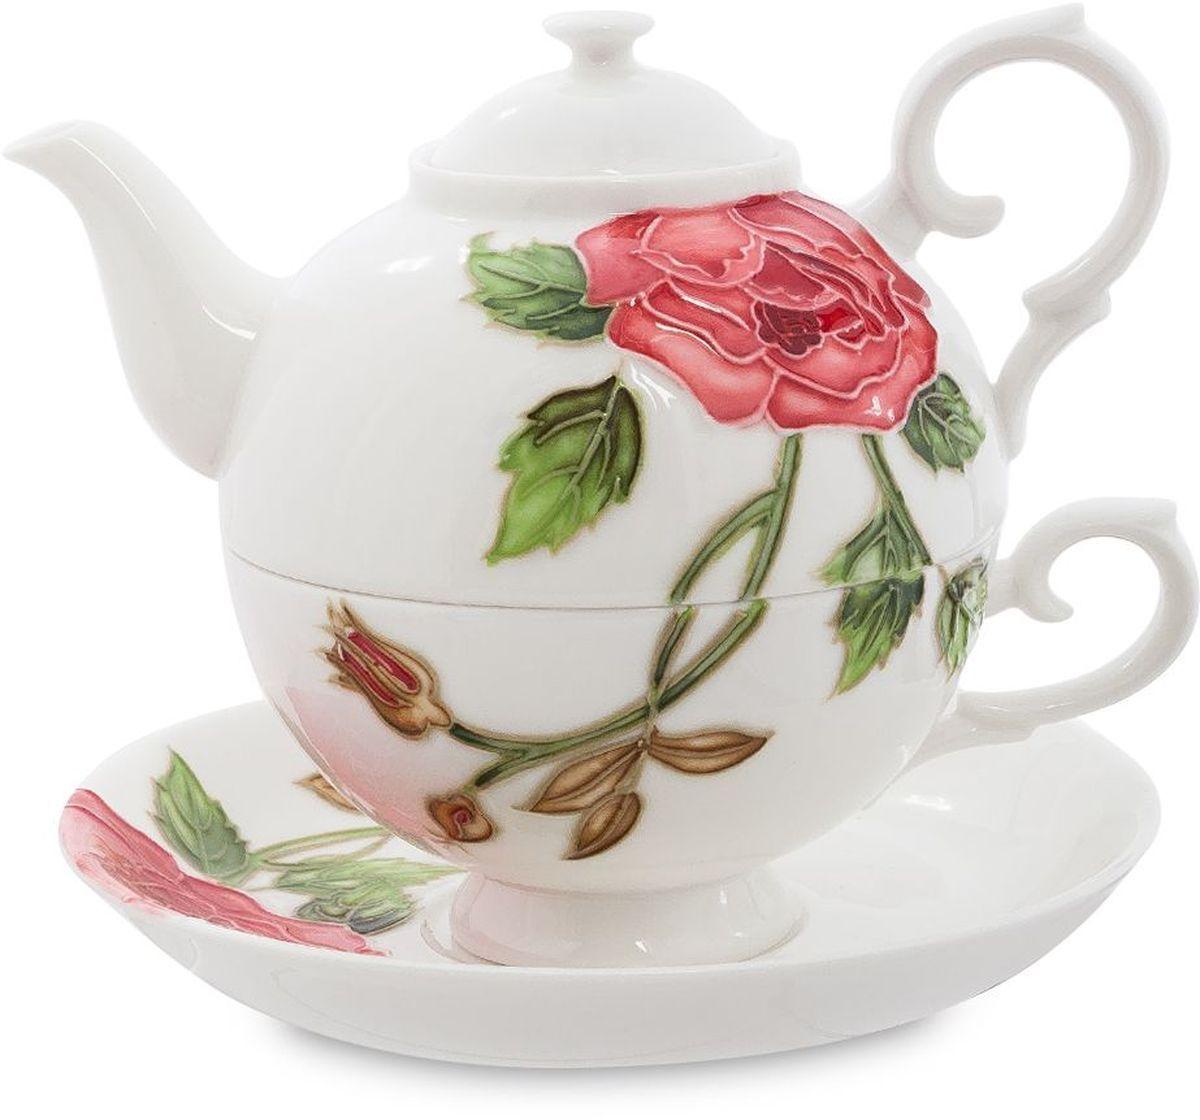 Набор чайный Pavone Рафаэлло. Роза, 3 предмета. 45158154 009305Объем чайника: 400 млОбъем чаши: 250 млДиаметр блюдца: 15 см